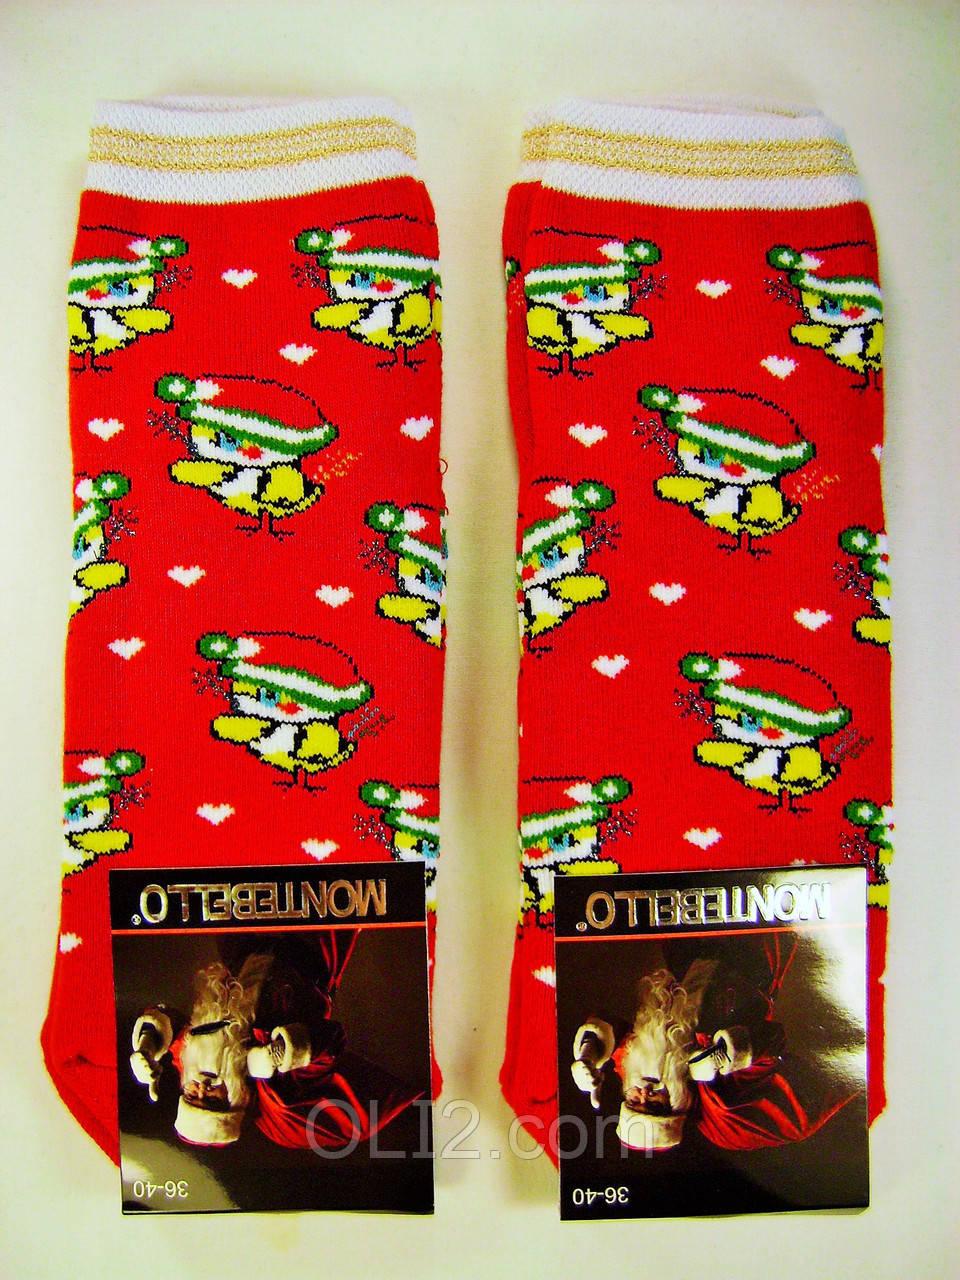 Женски носки новогодние на подарок махровые под елку